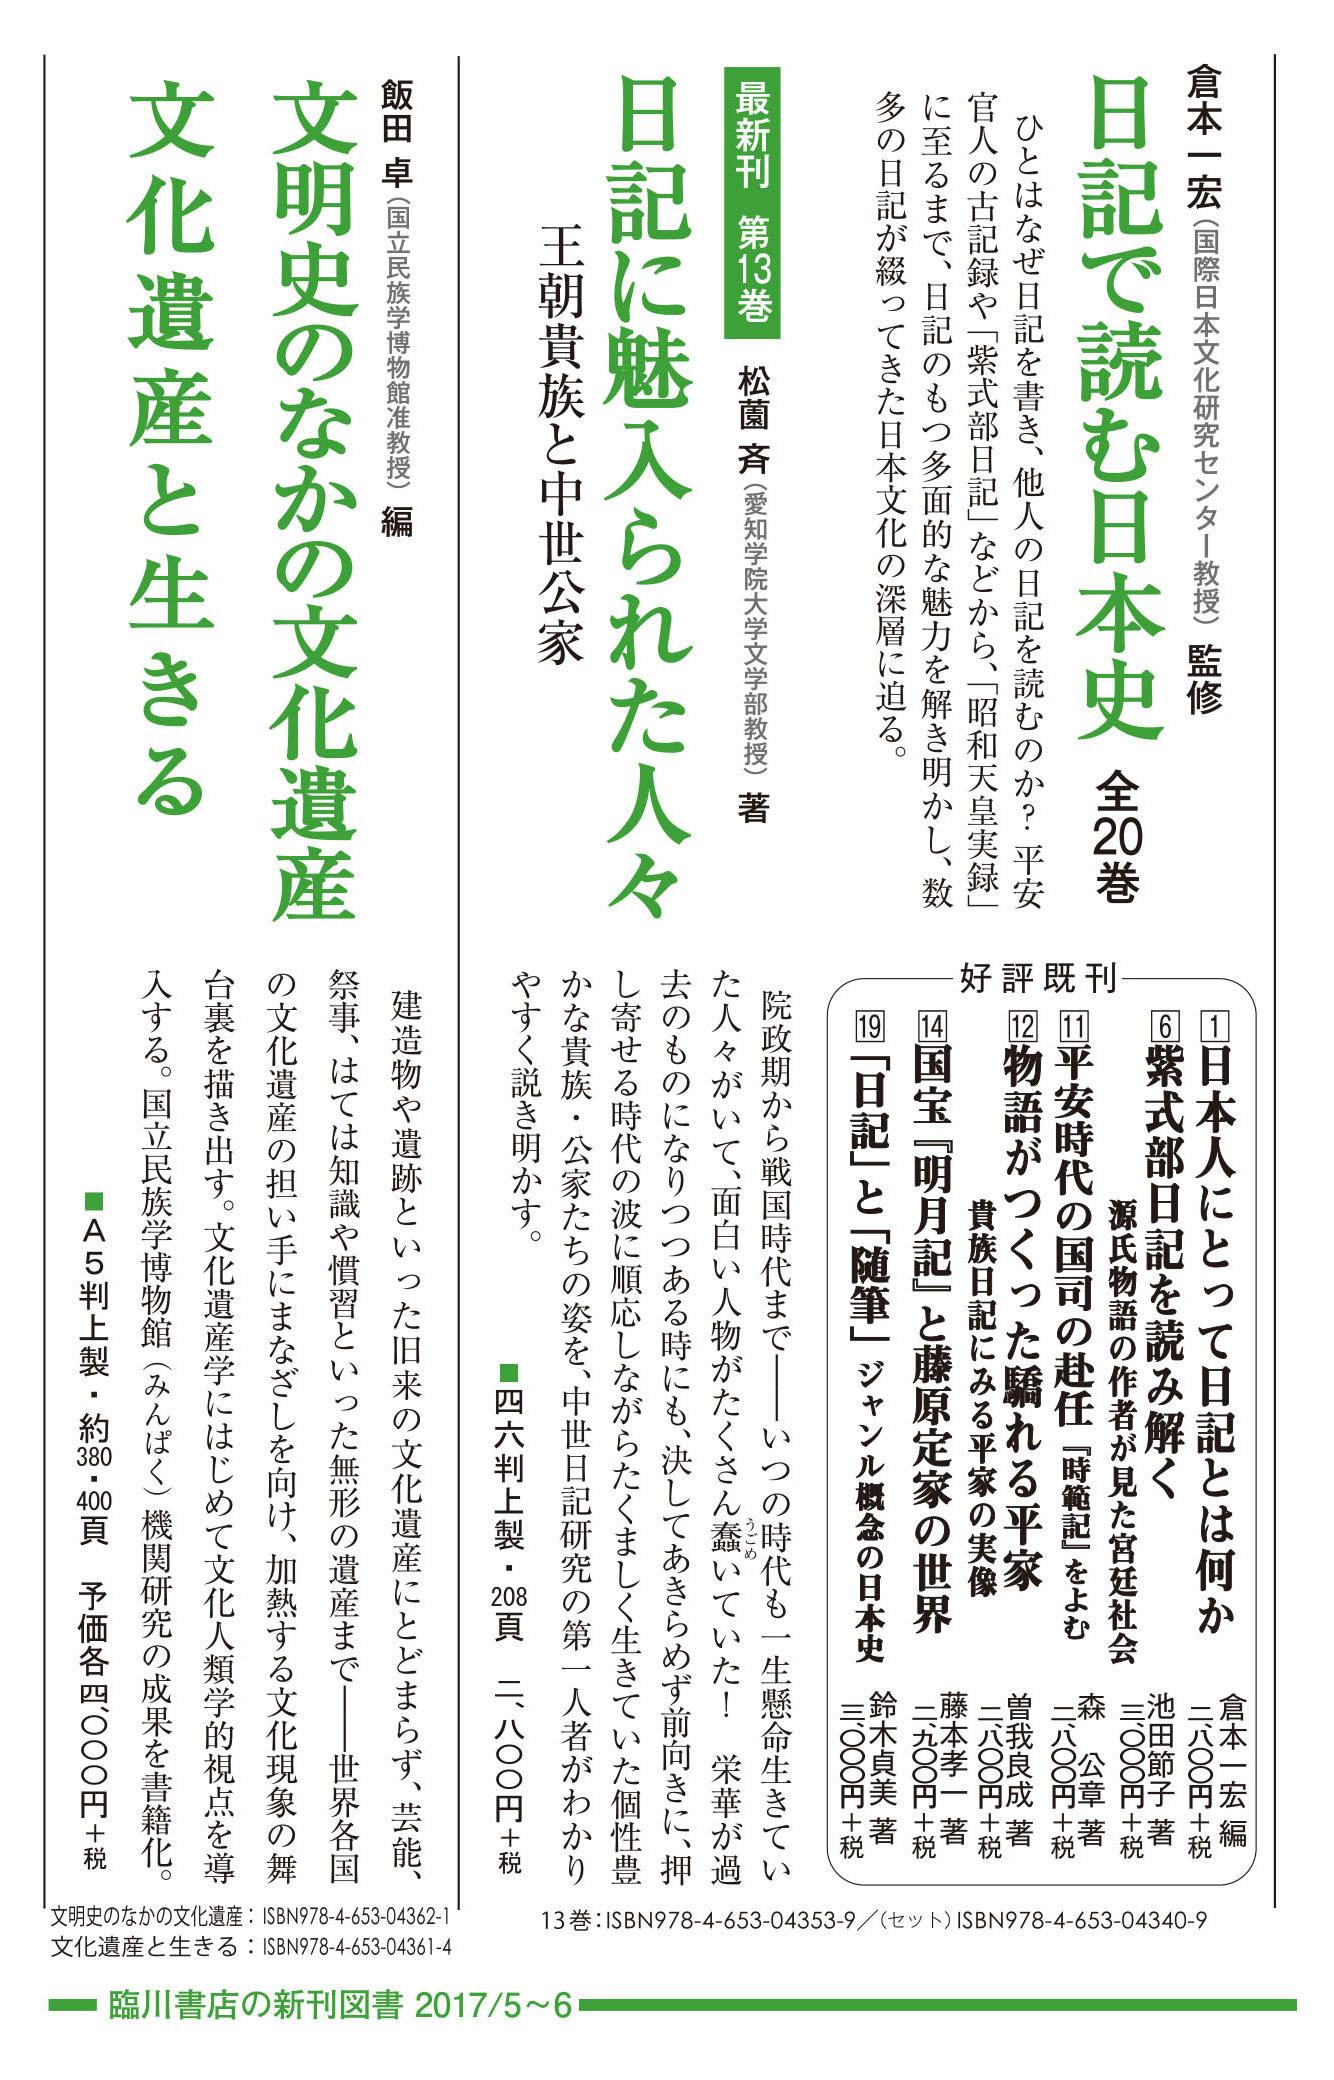 新刊案内2017/5~6④